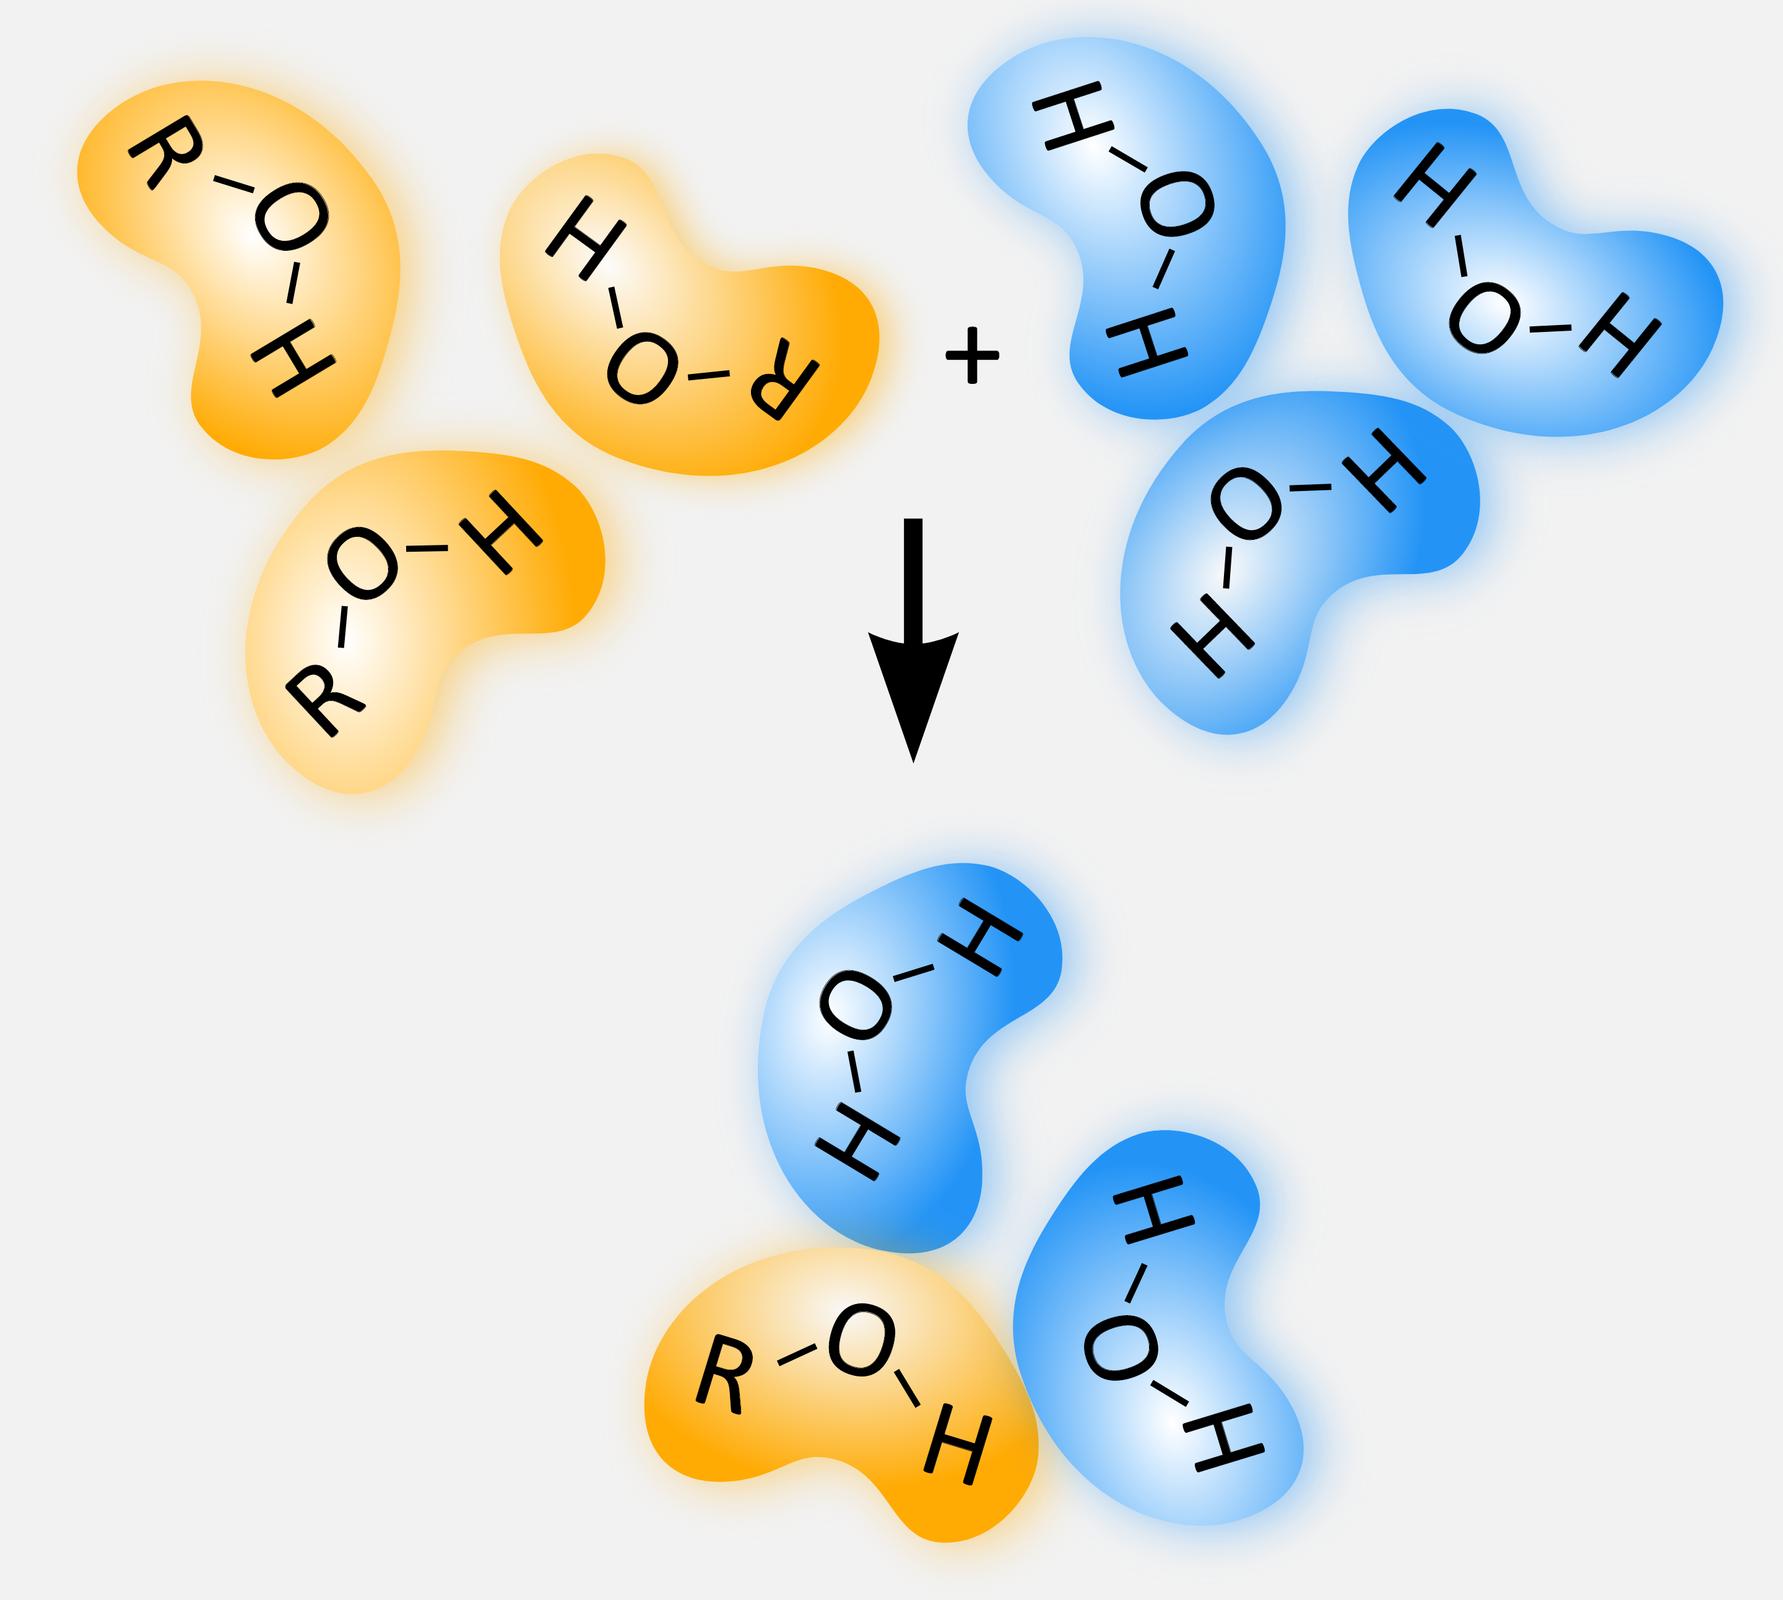 Na ilustracji znajdują się trzy żółte cząsteczki ROHdodać trzy niebieskie cząsteczki H2O, co daje jedną cząsteczkę ROHidwie cząsteczki H2O.